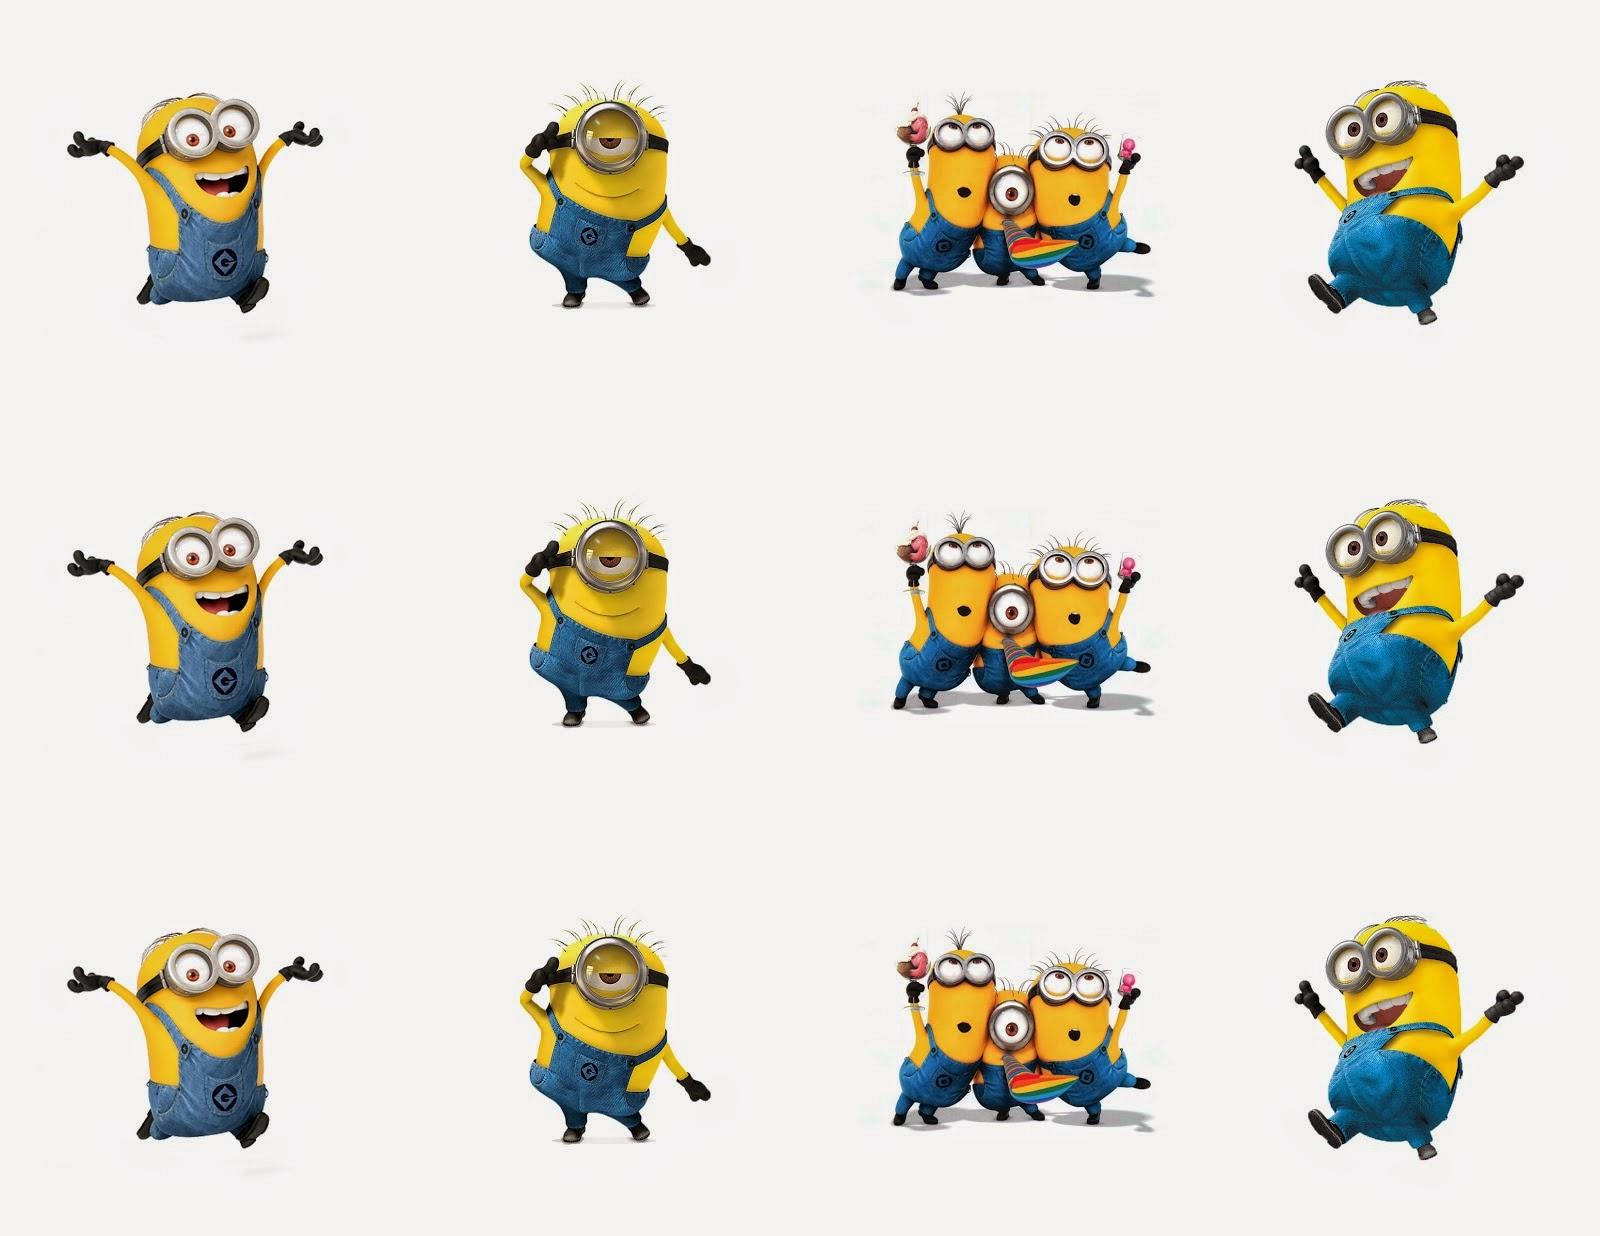 56 Dibujos De Minions Para Descargar Gratis Imprimir Y: Minions: Banderines, Toppers, Etiquetas Para Imprimir